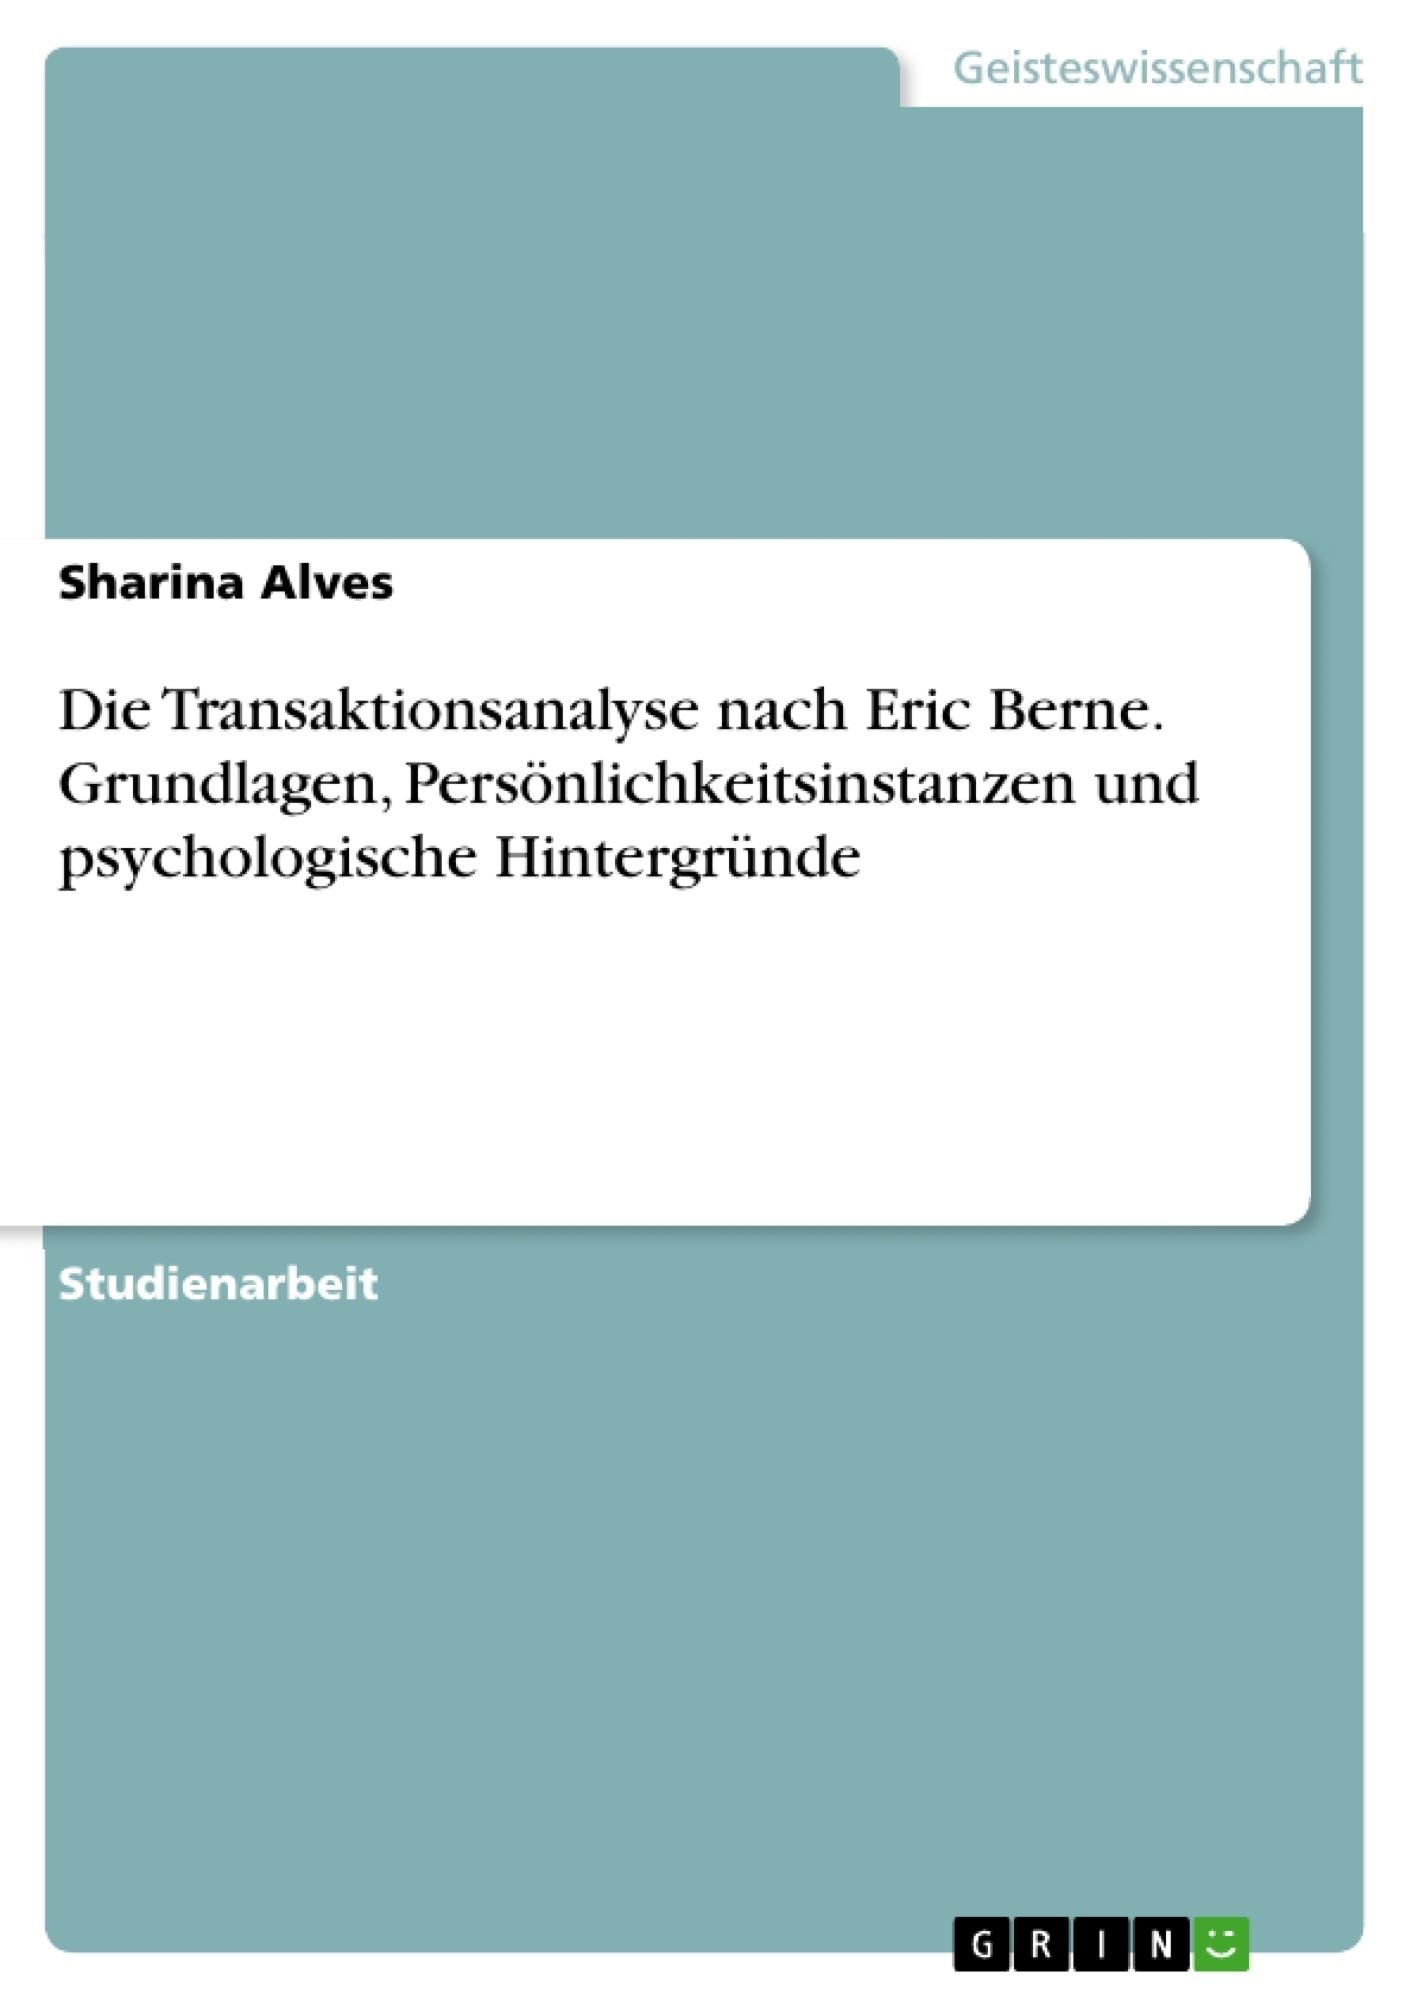 Titel: Die Transaktionsanalyse nach Eric Berne. Grundlagen, Persönlichkeitsinstanzen und psychologische Hintergründe